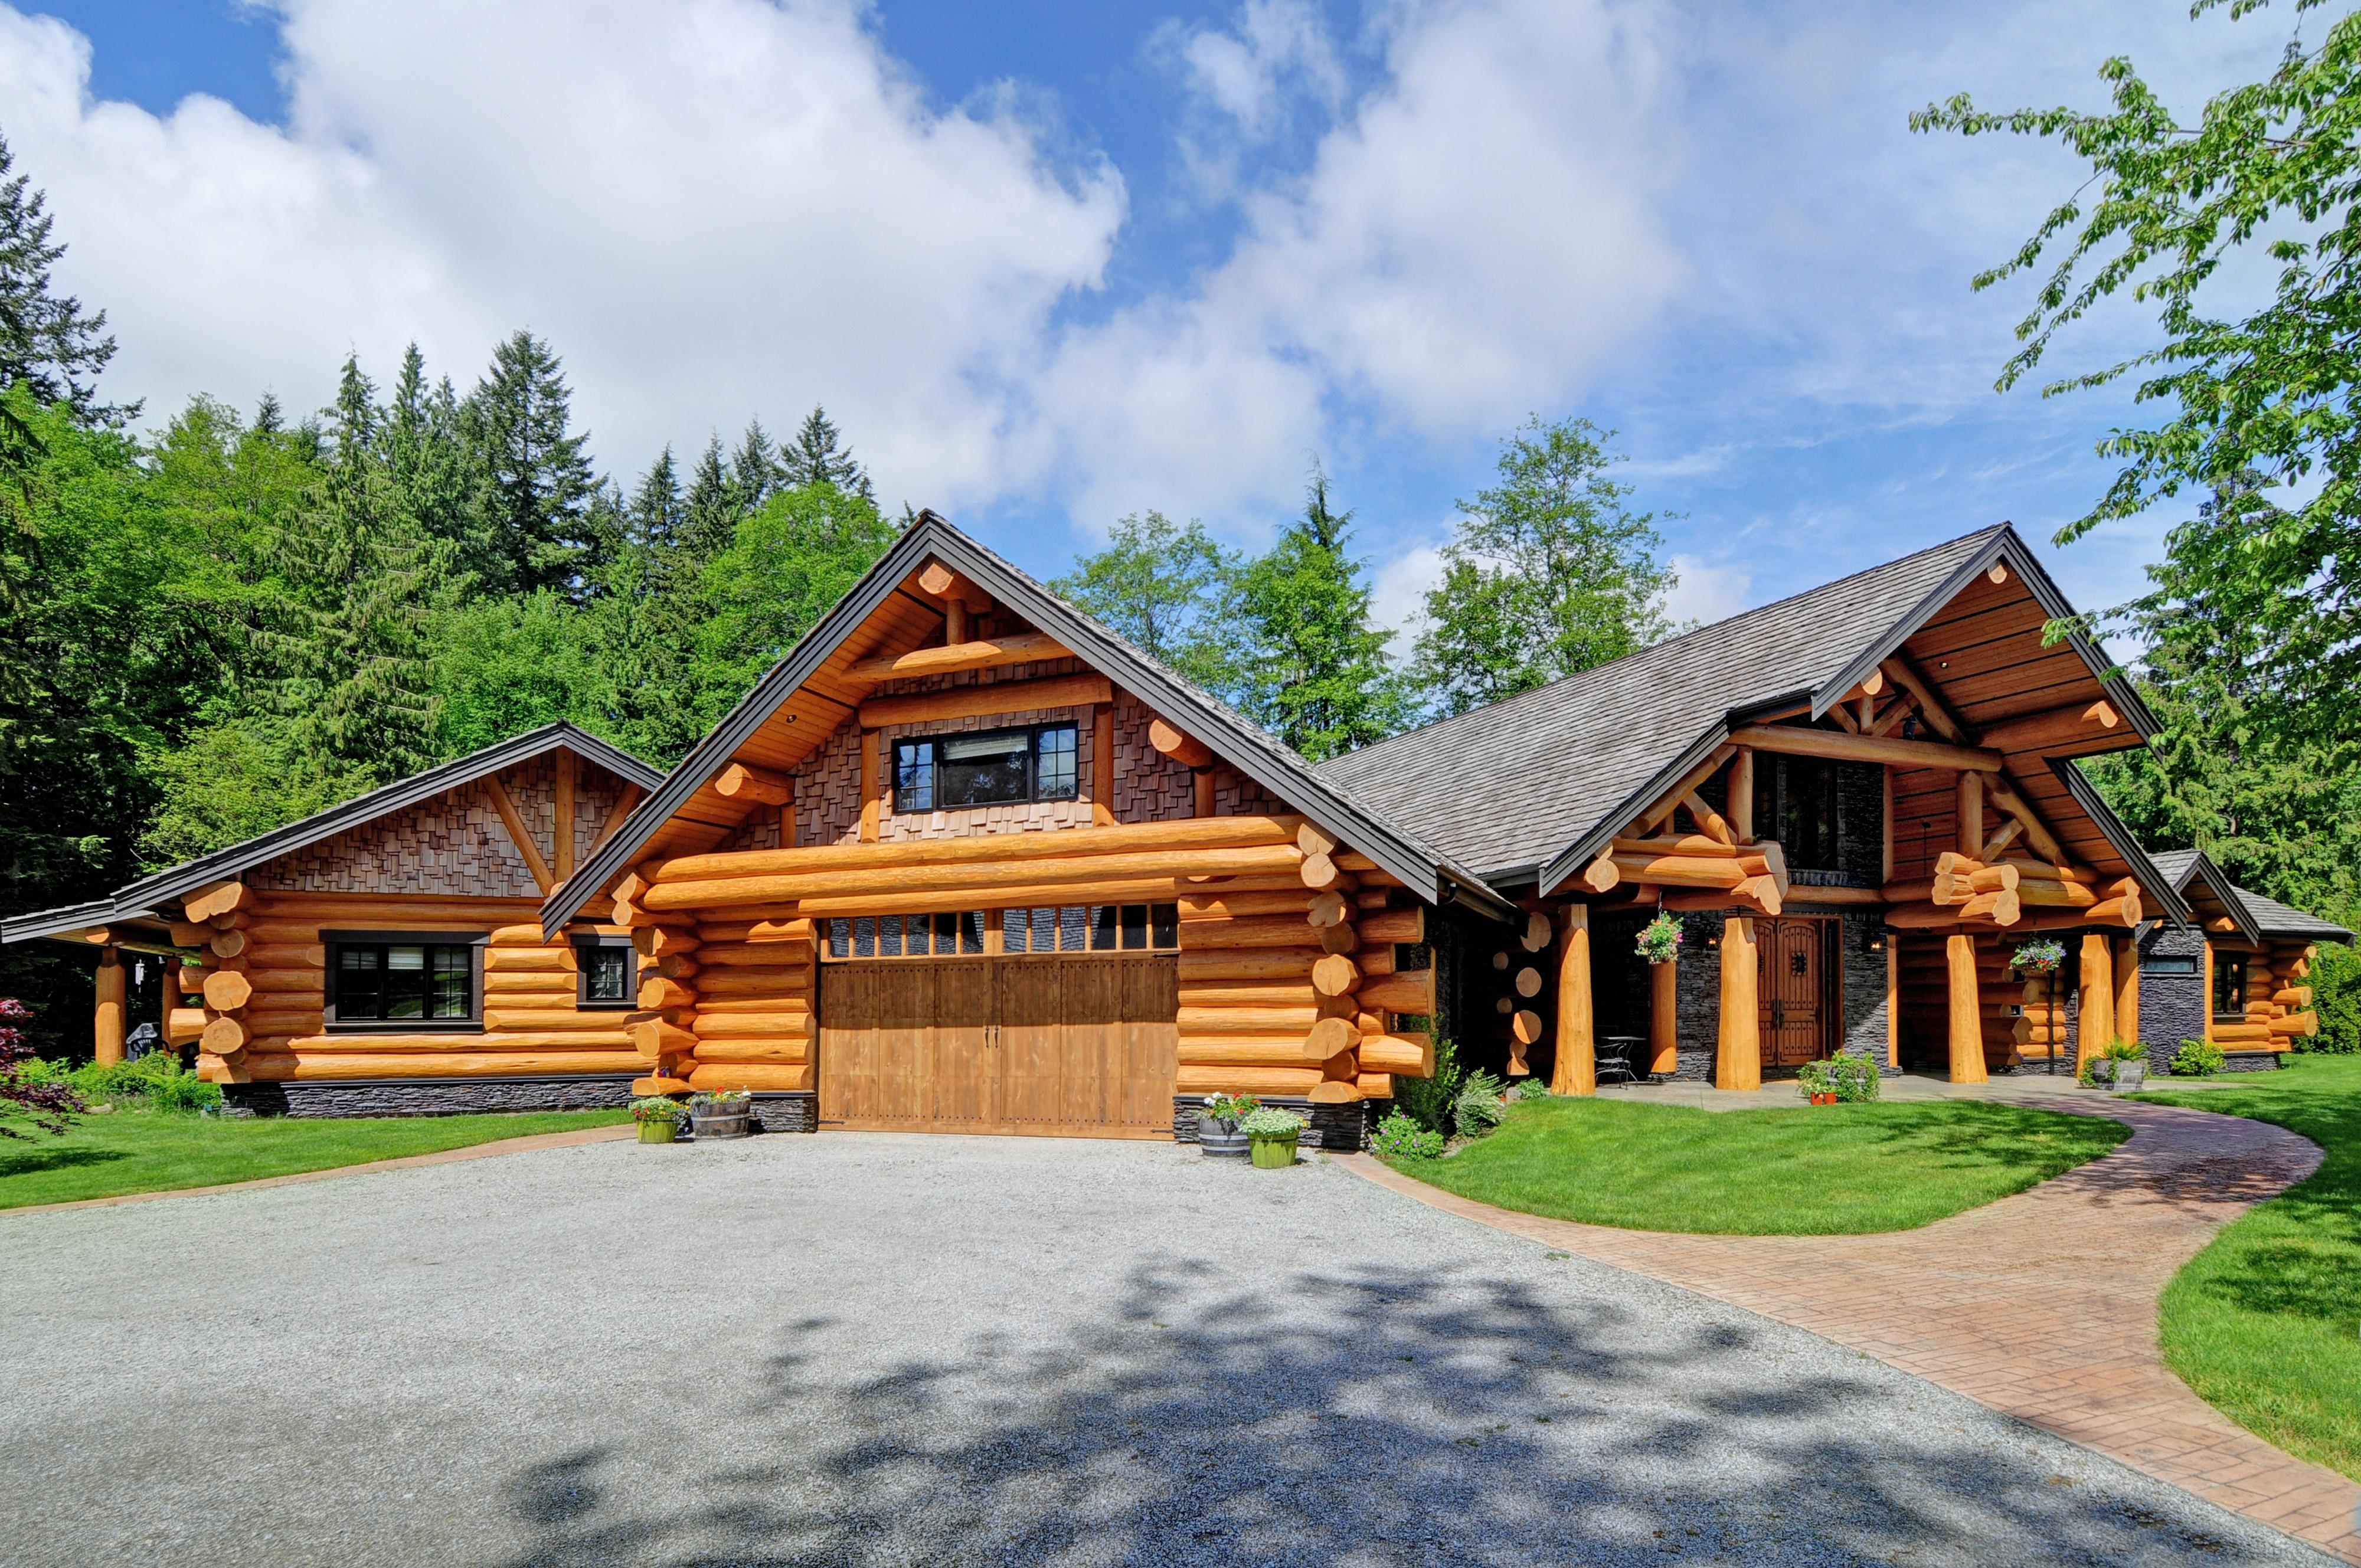 walk ga in cabins lodge ellijay creek cabin waters pin bear to trail oasis rentals mountain pinhoti